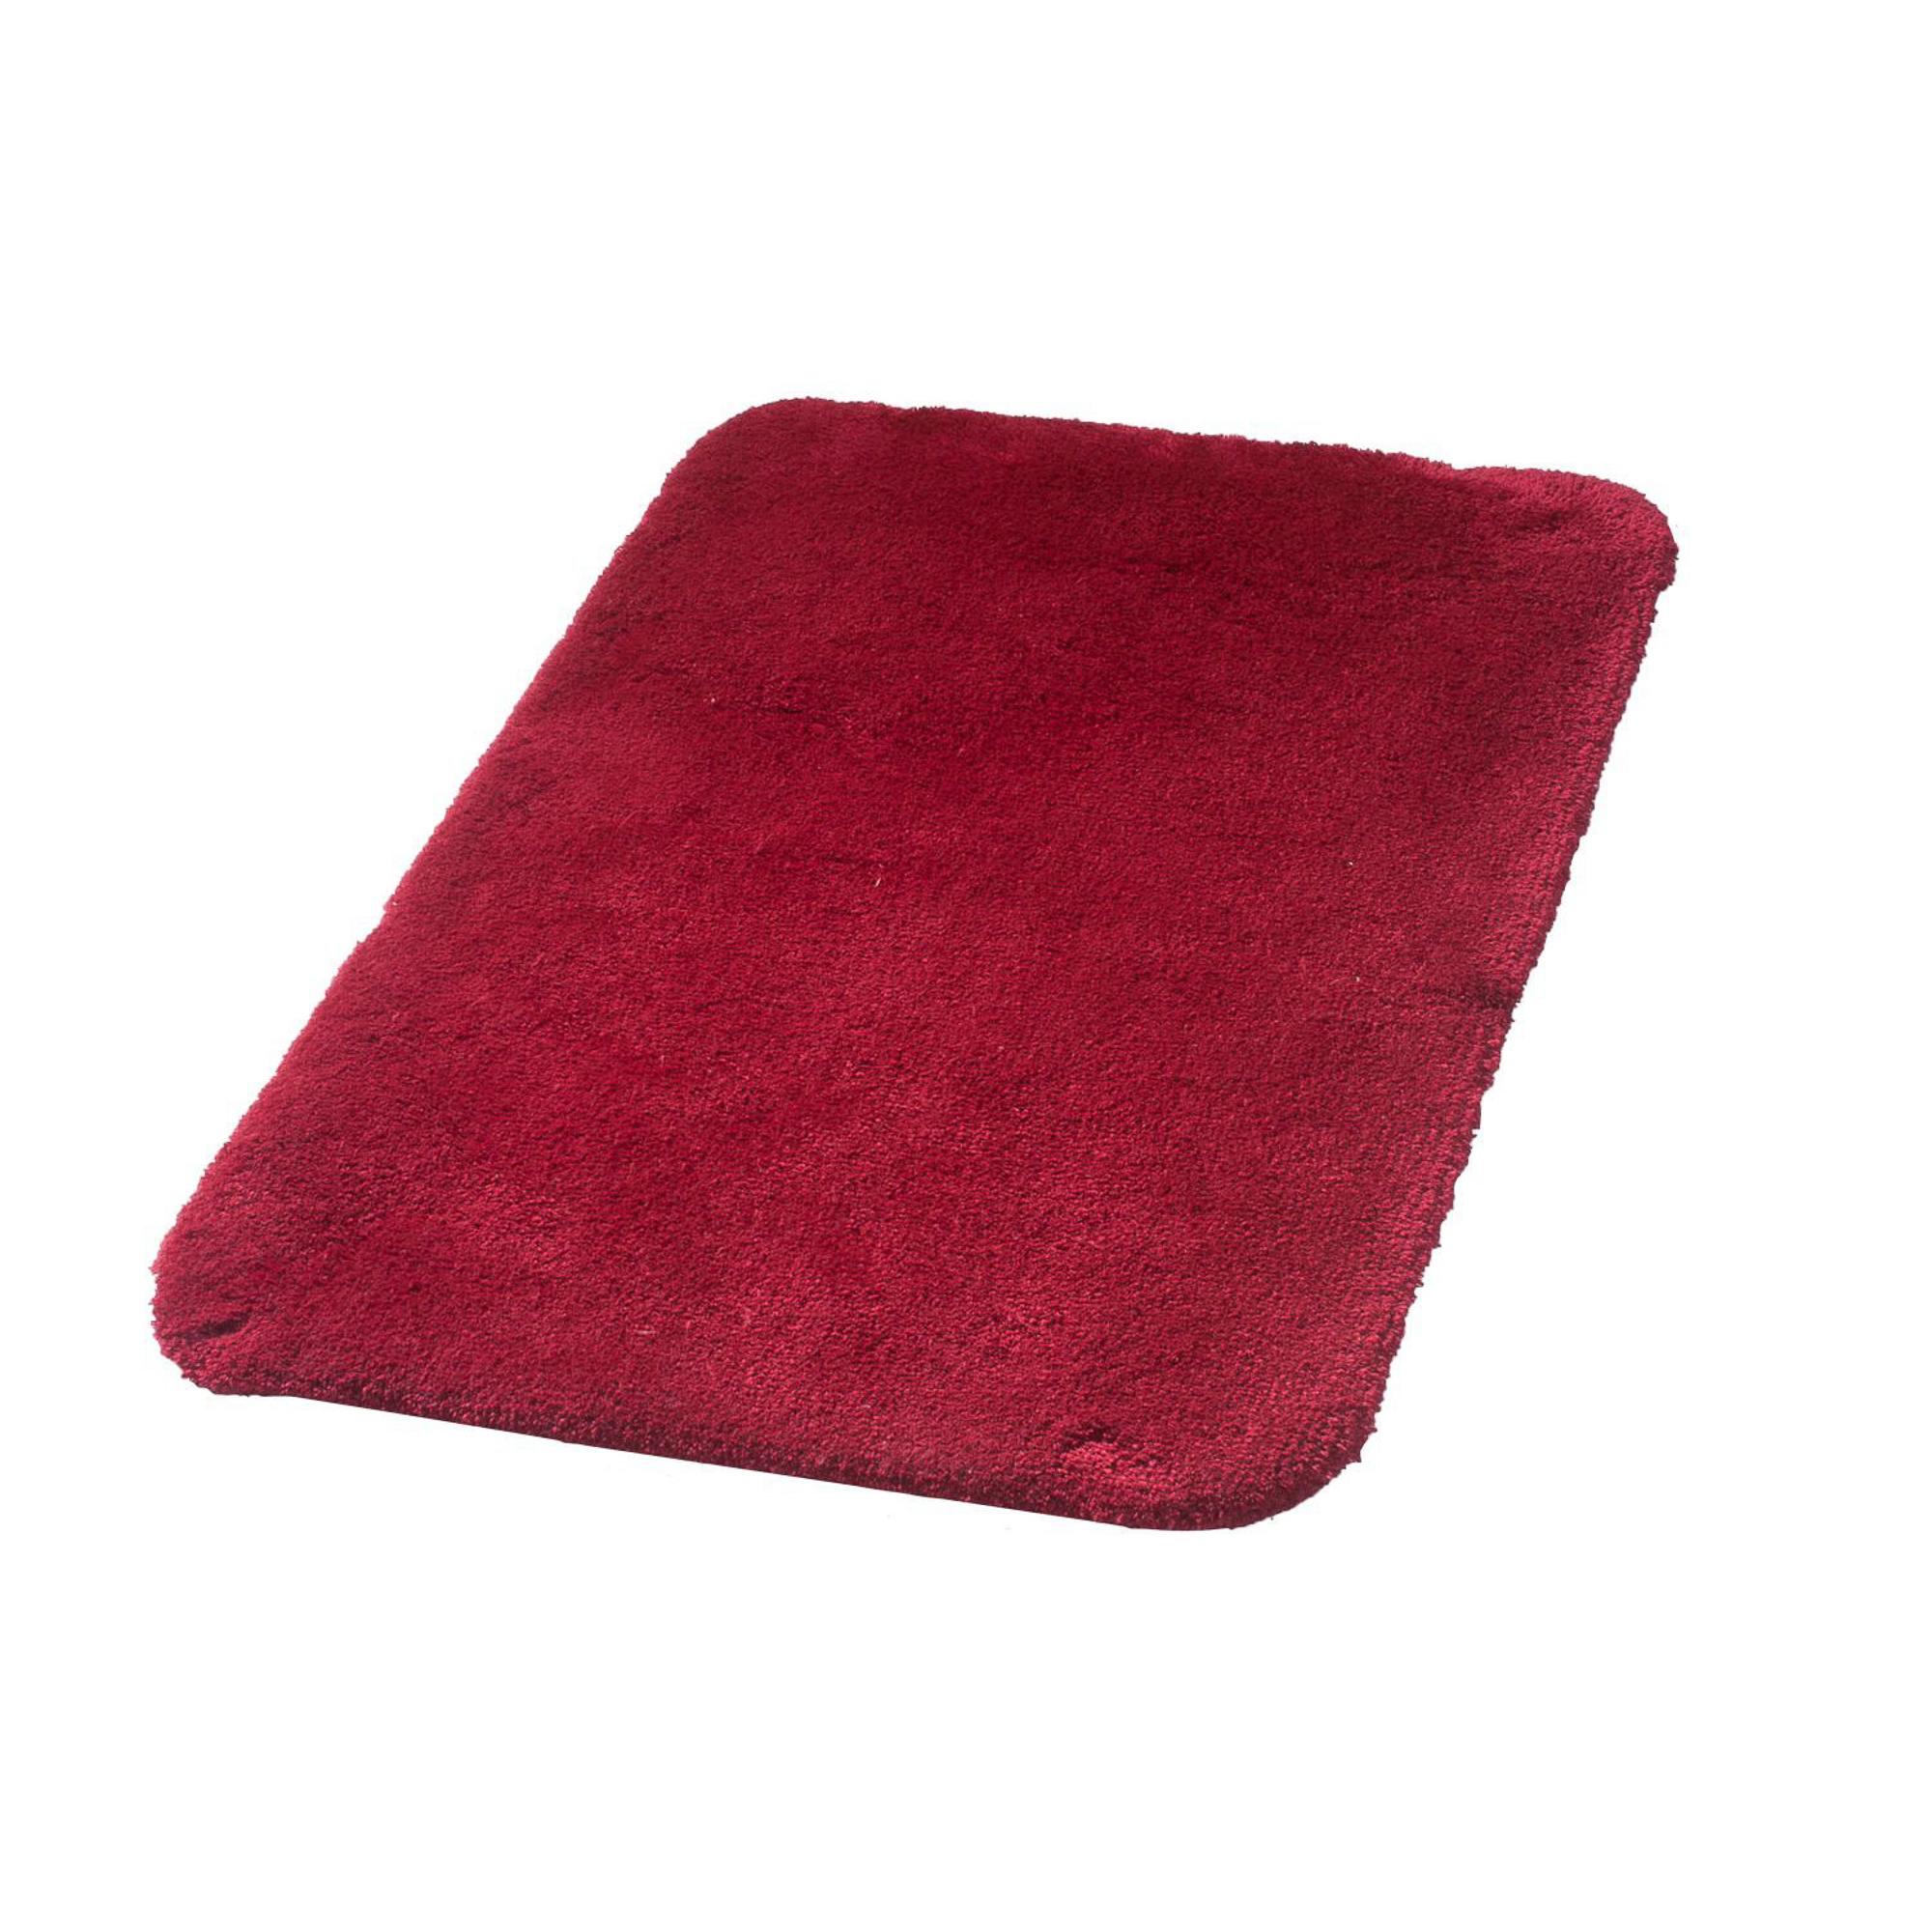 Коврик для ванной комнаты Istanbul красный 70*120 Ridder коврик для ванной комнаты white clean